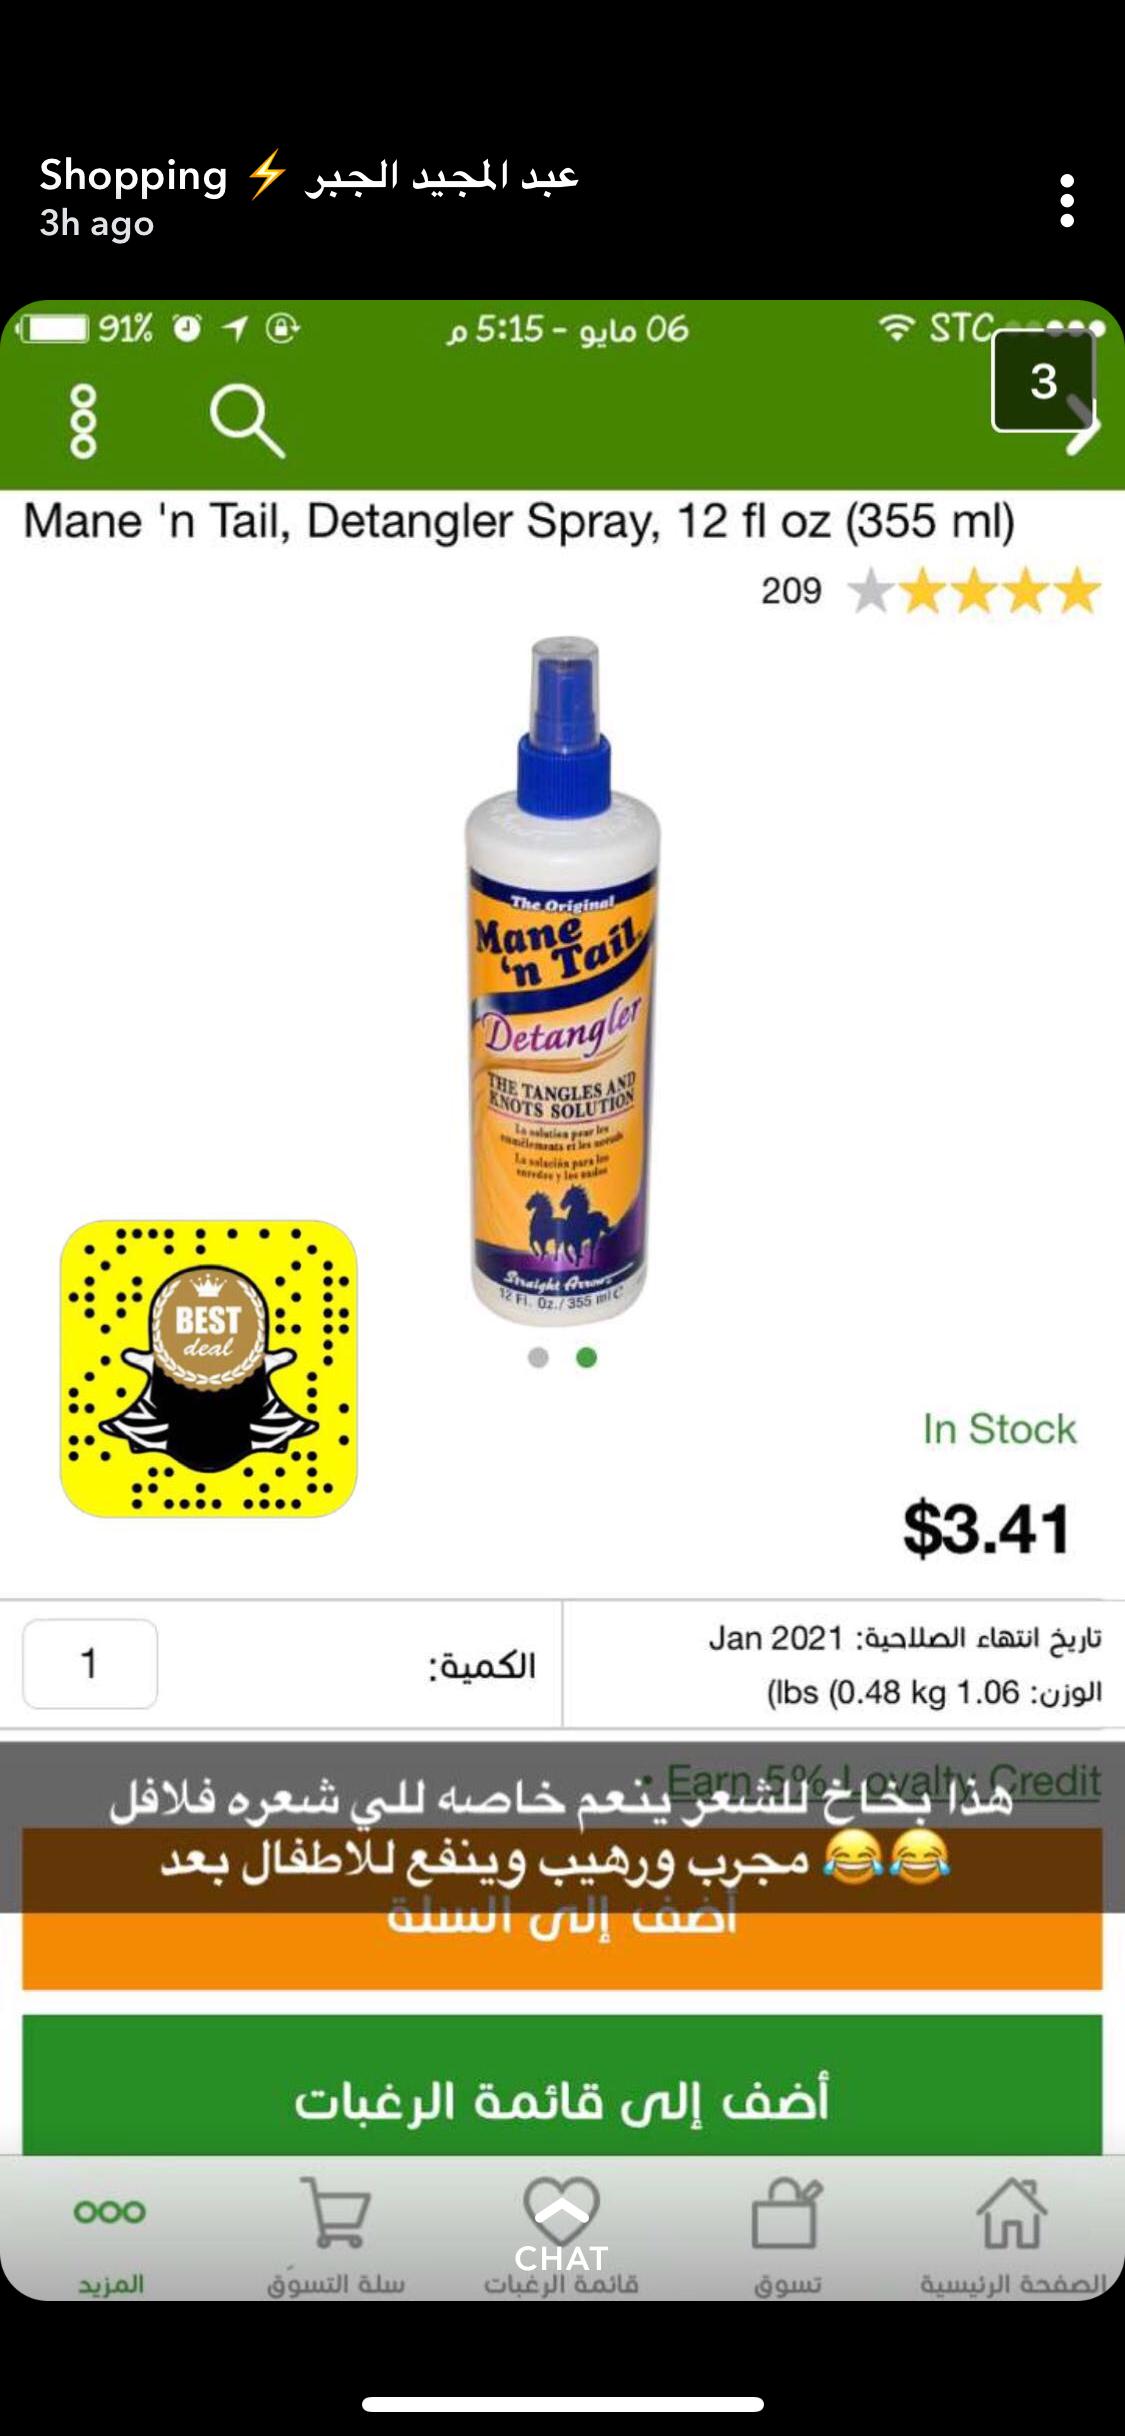 Pin By Samar Anan On Iherb Detangler Spray Detangler Spray